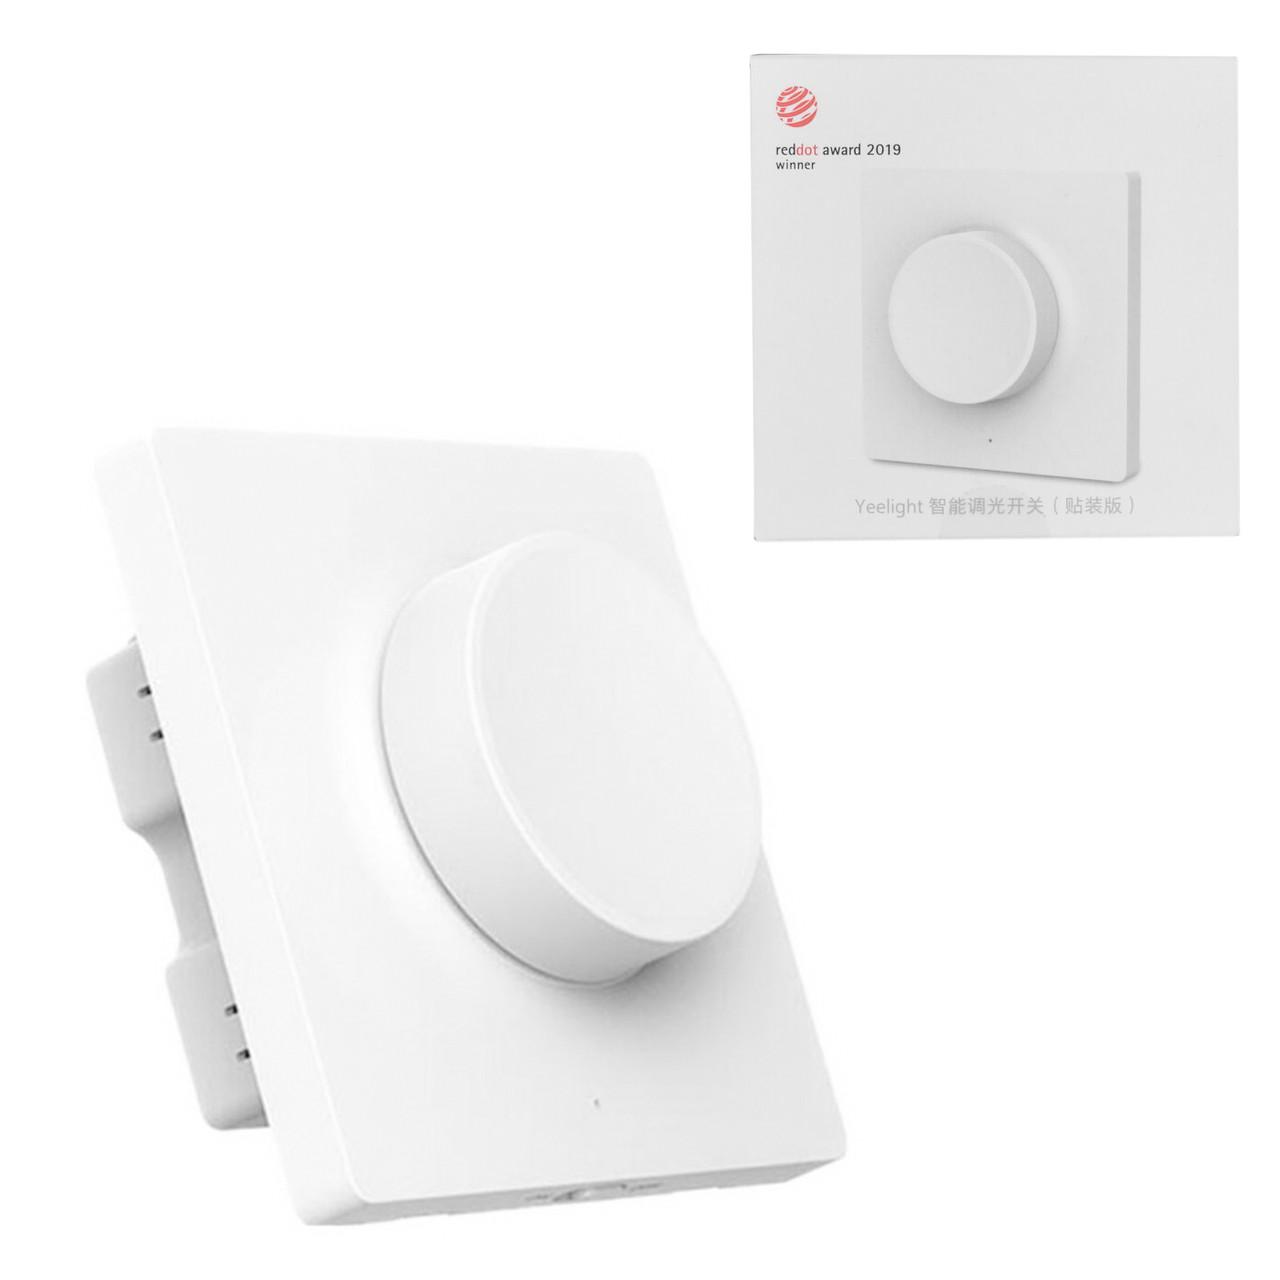 Настенный выключатель  диммер Xiaomi Yeelight Smart Dimmer Bluetooth Wall Switch (YLKG08YL), White